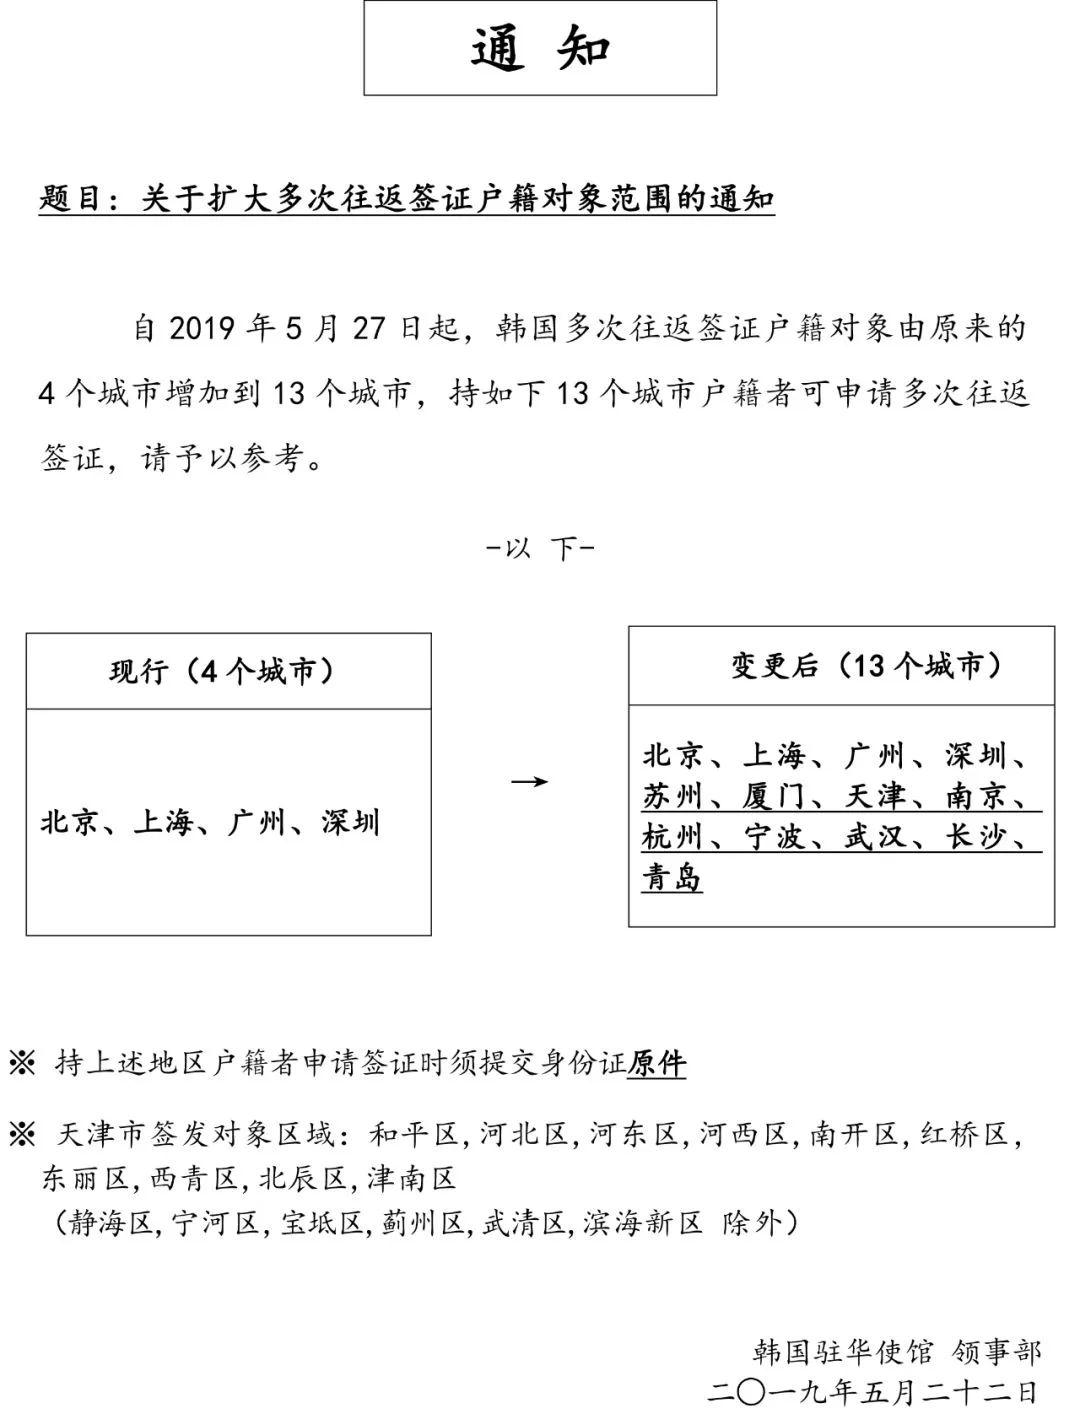 很色的网页游戏 韩5年签证扩大到中国13城 西部和东北无城市上榜